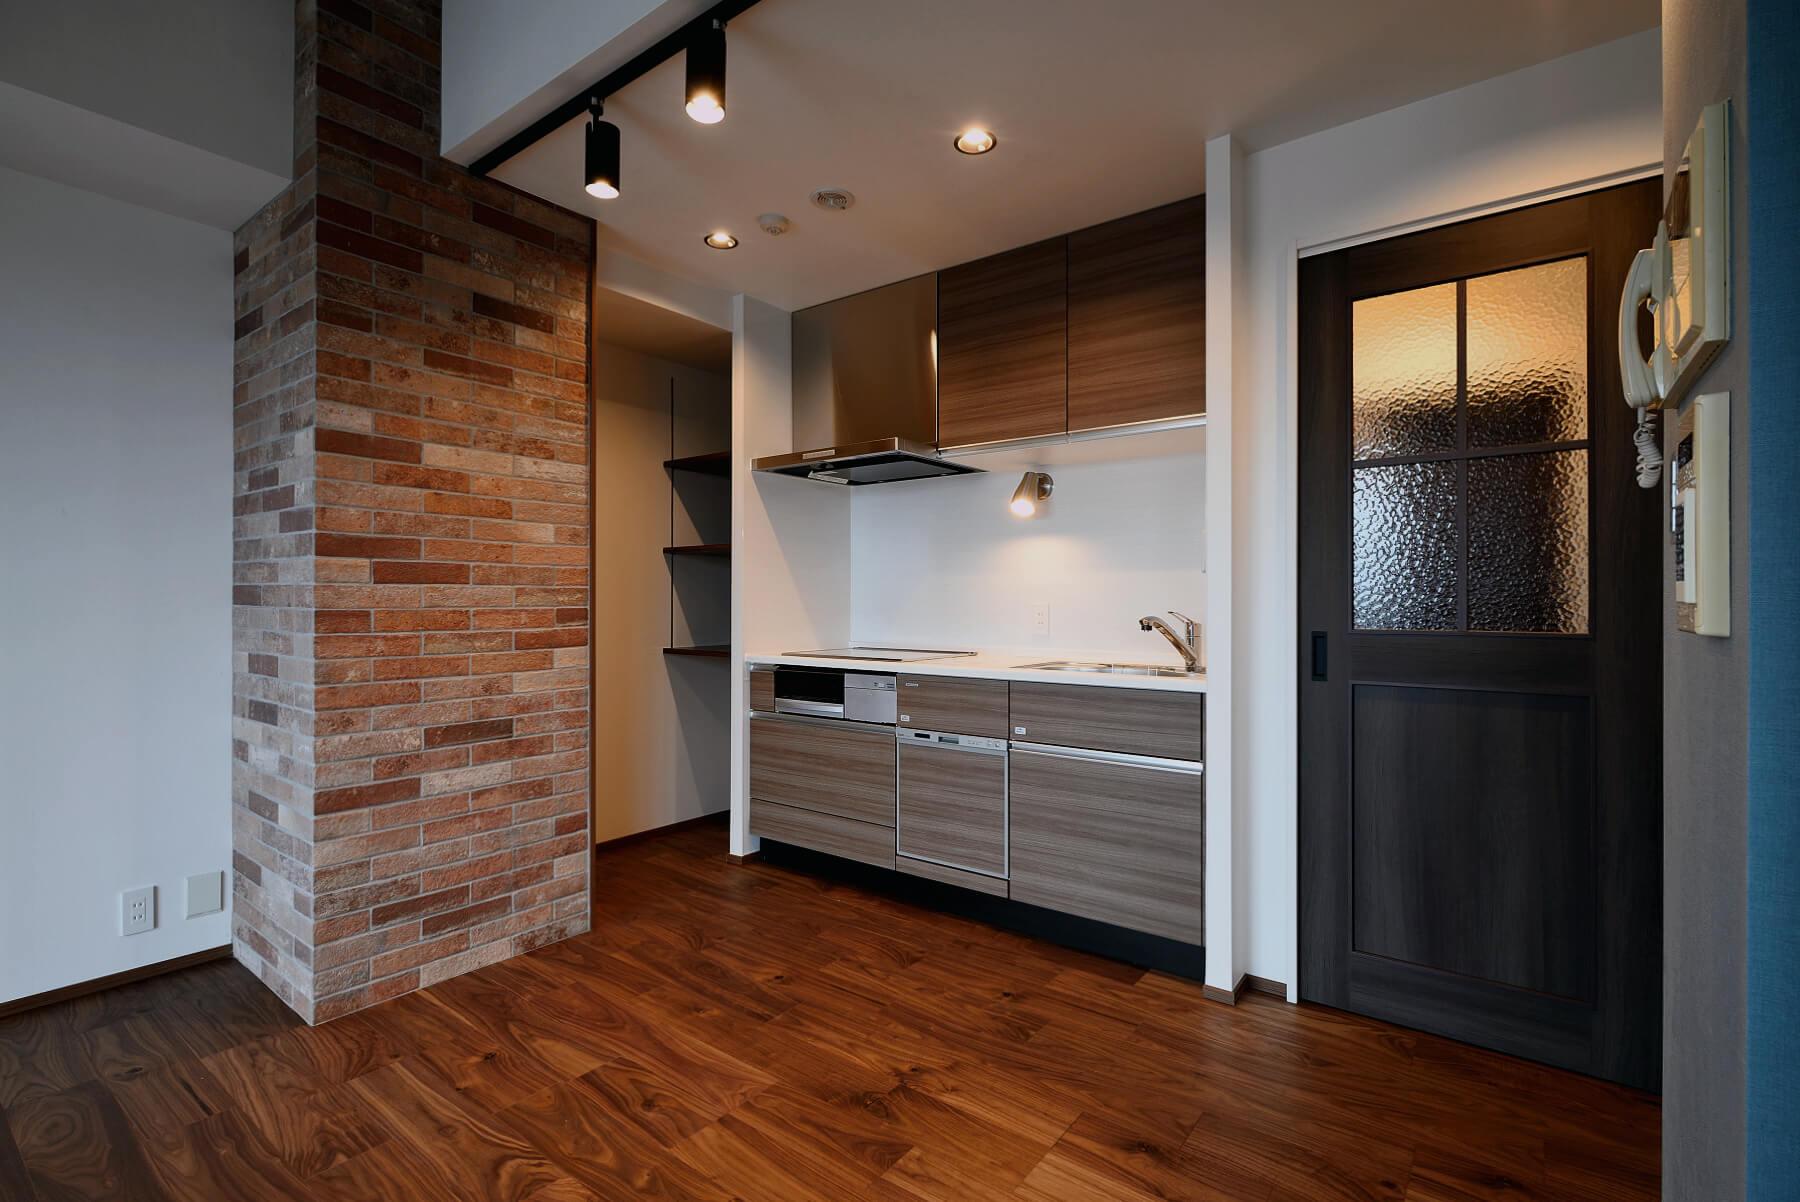 アクセントクロスでキッチンやトイレをおしゃれ空間に!選び方、使い方のポイントとは!?写真10